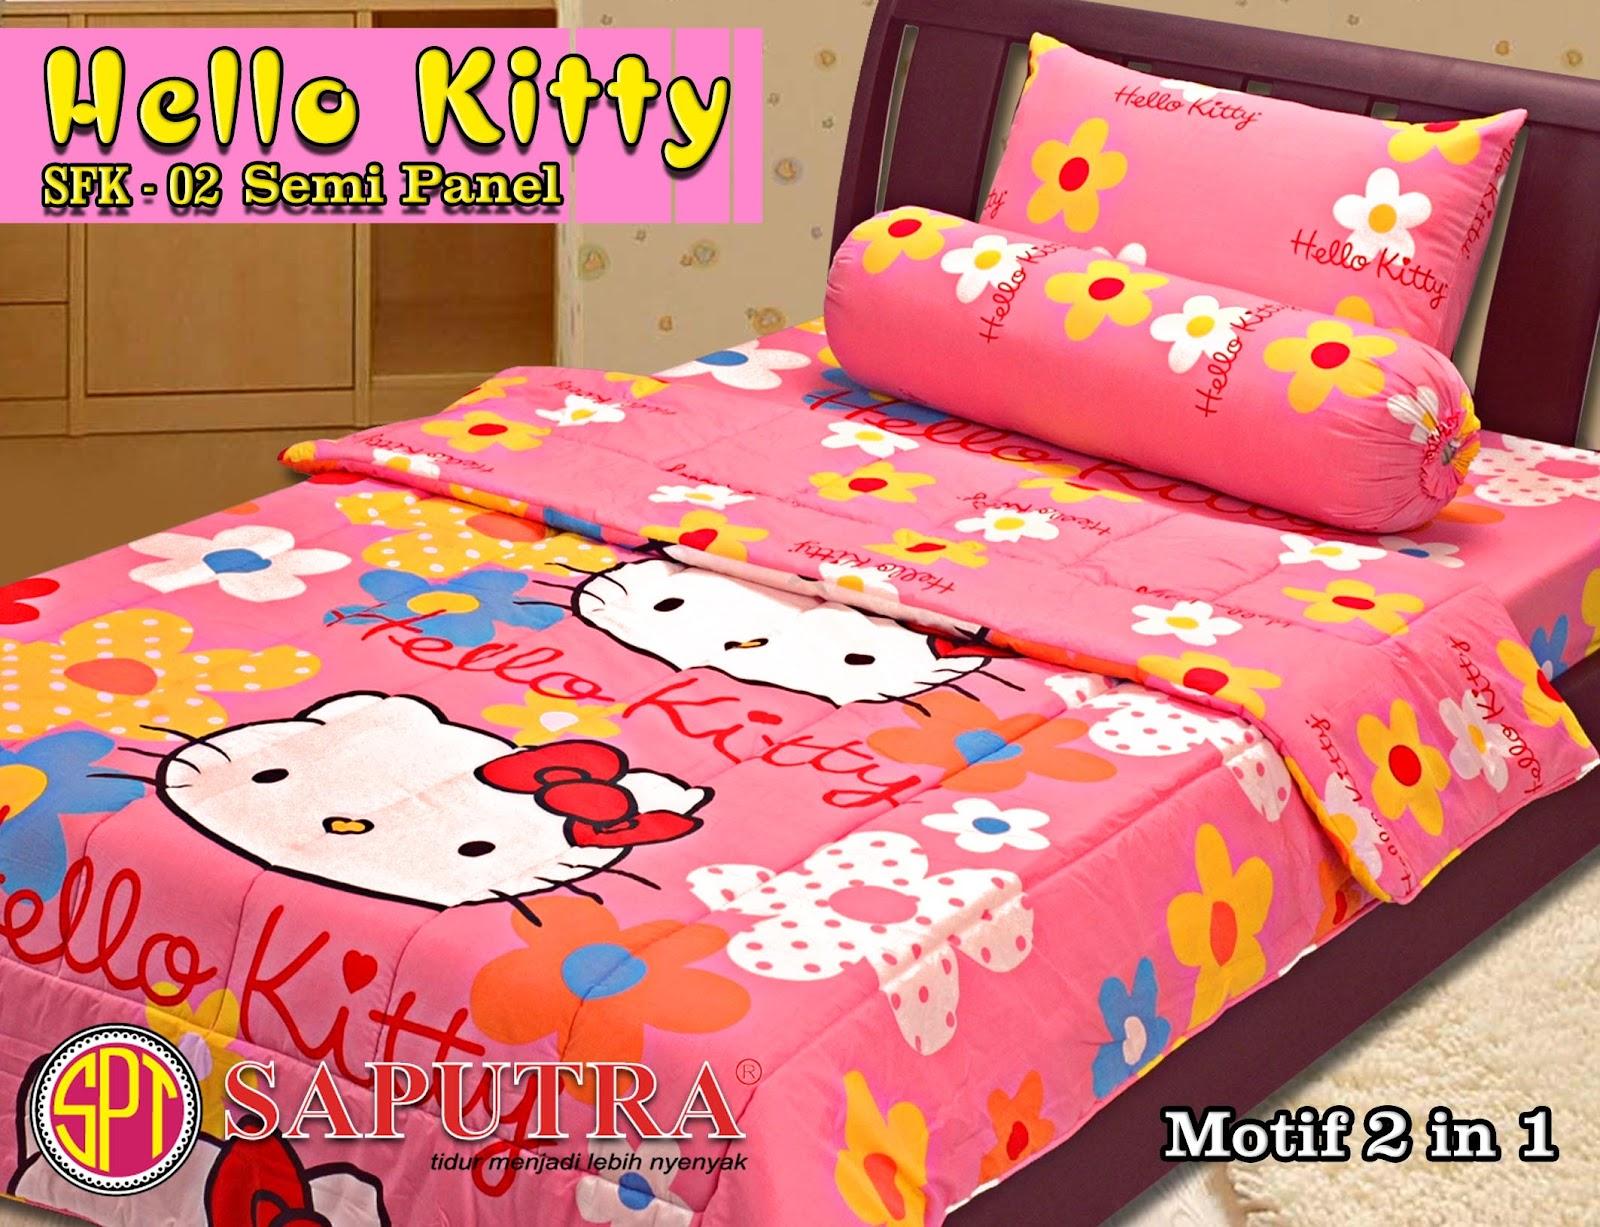 sprei bonita hello kitty play : Toko Online Suplemen Murah Dan Produk Berkualitas 2016 Car Release ...